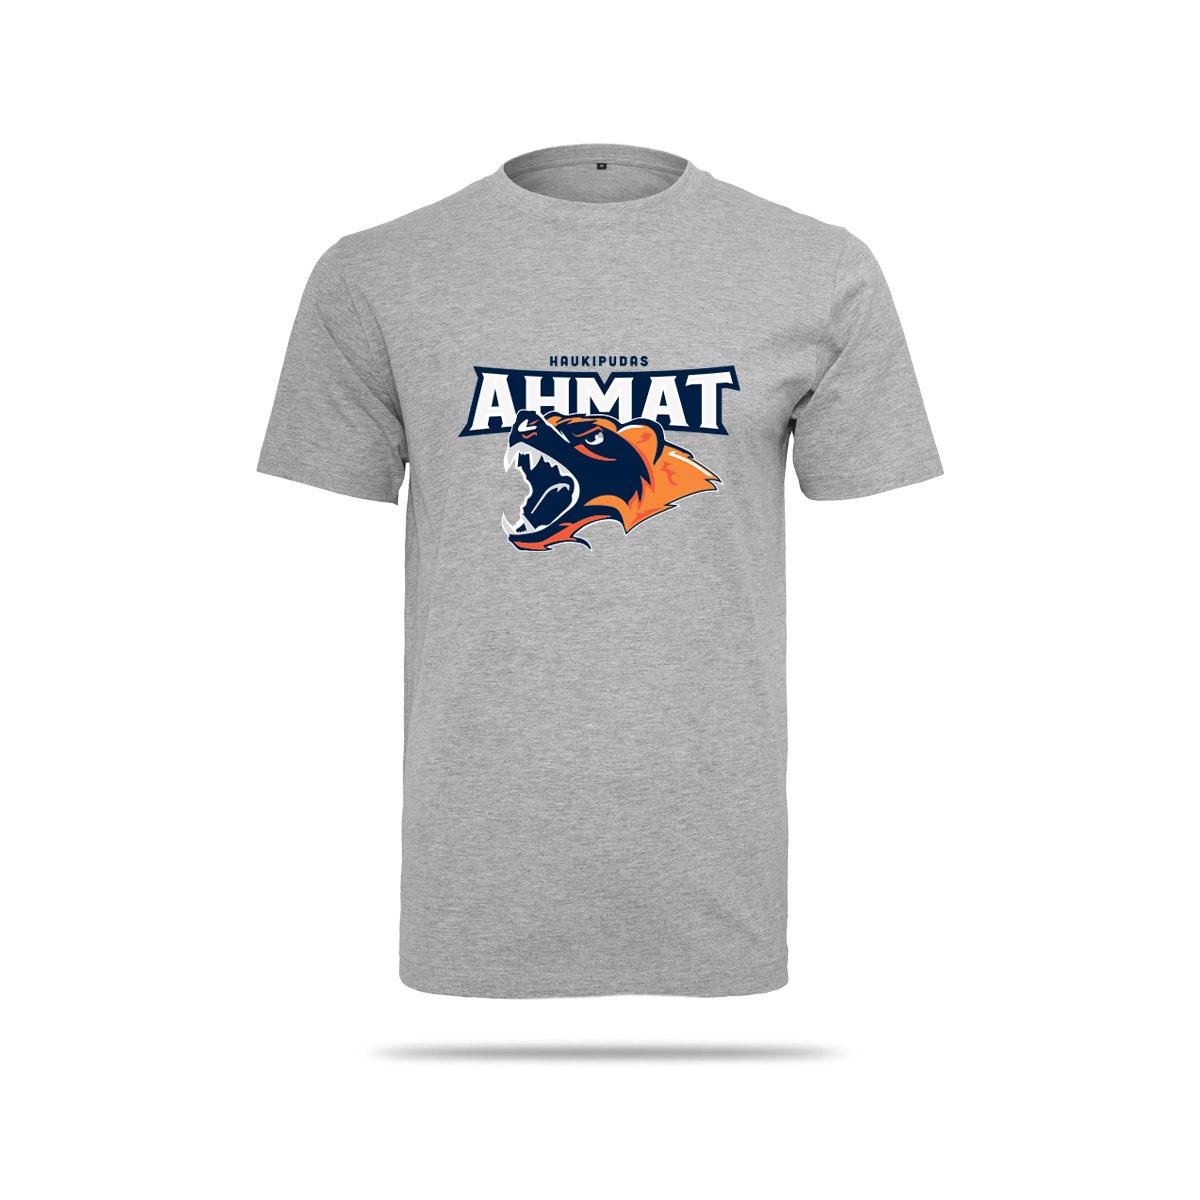 Ahmat-fani-6005-harmaa-original